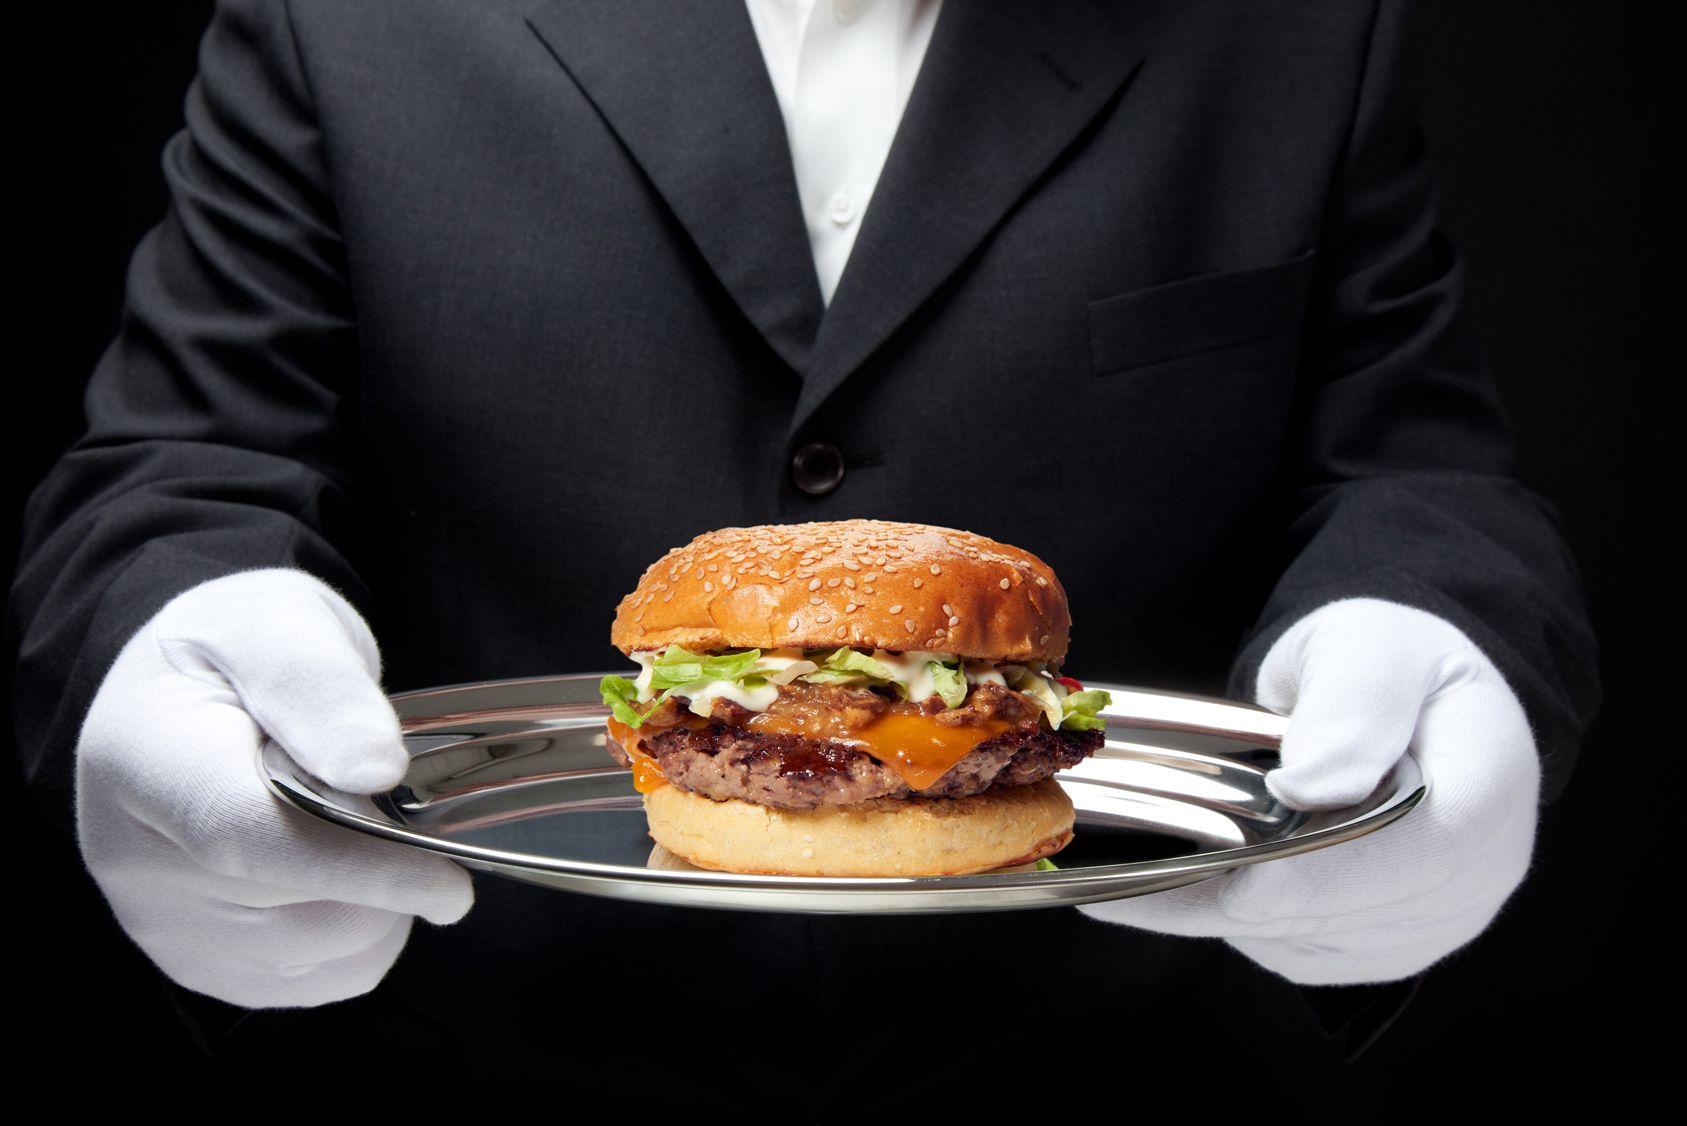 Mangez-vous de bons burgers?